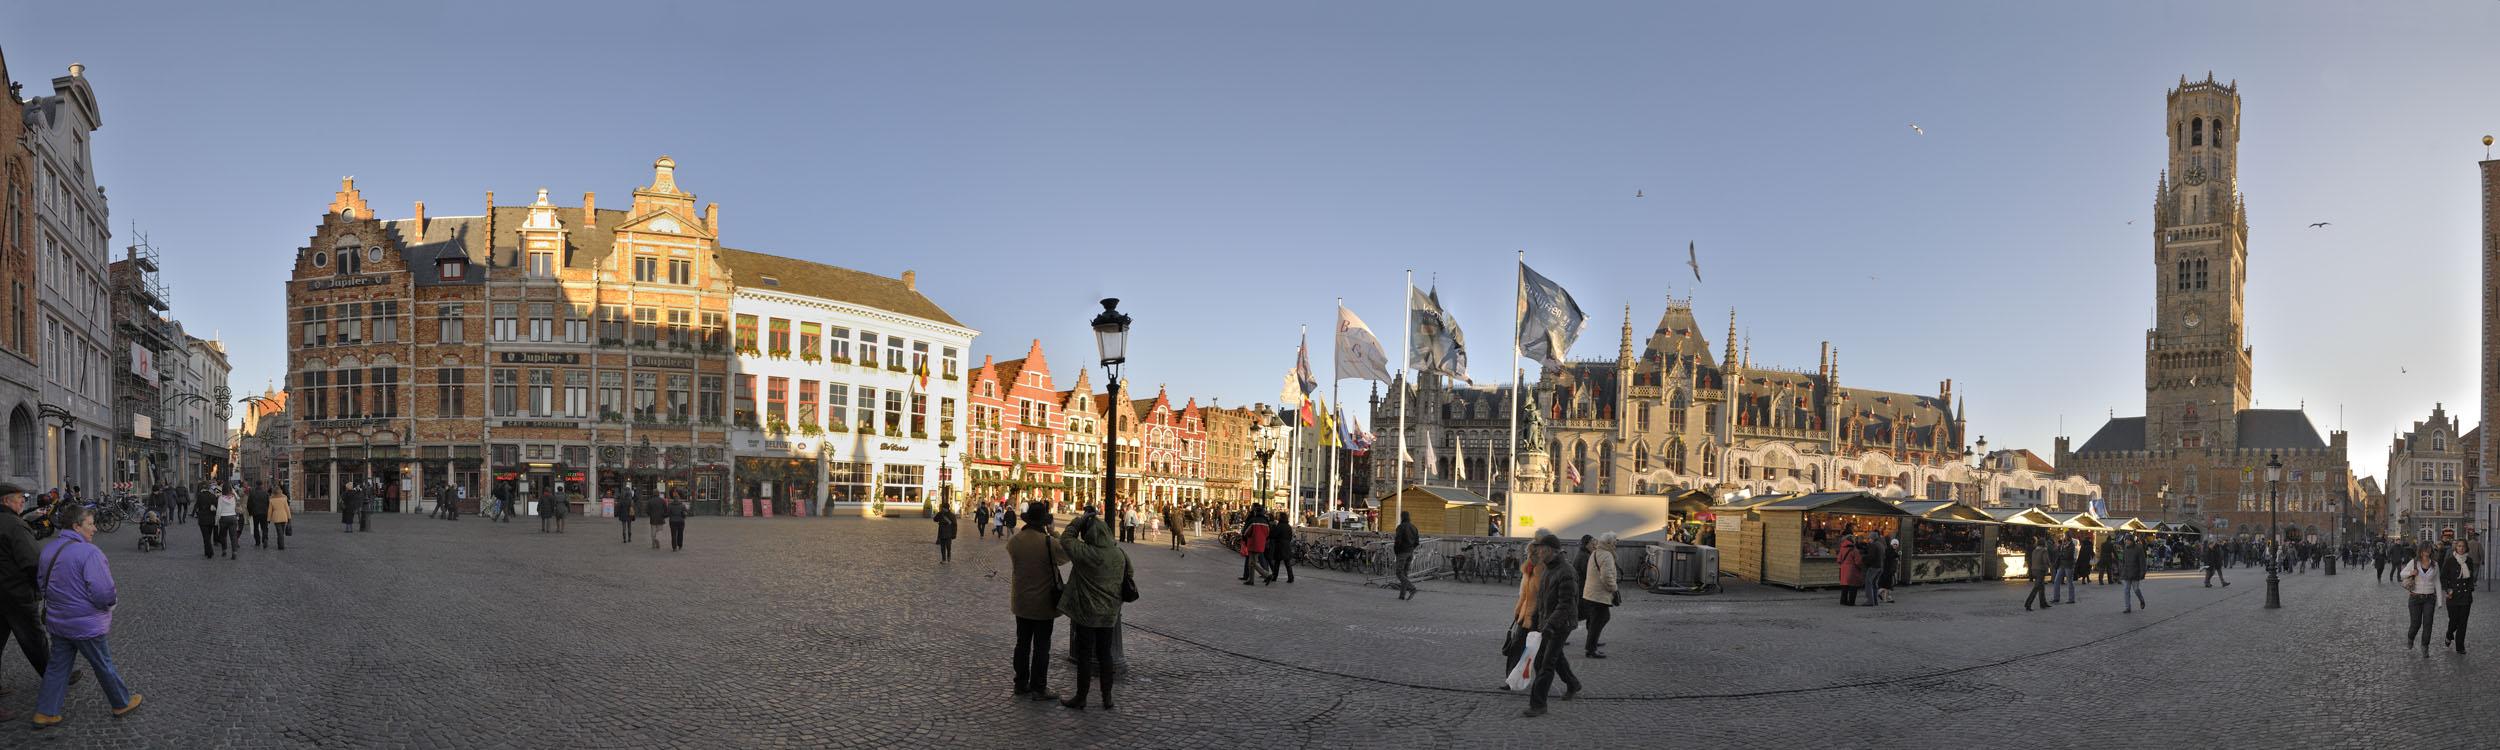 Brugge Markt